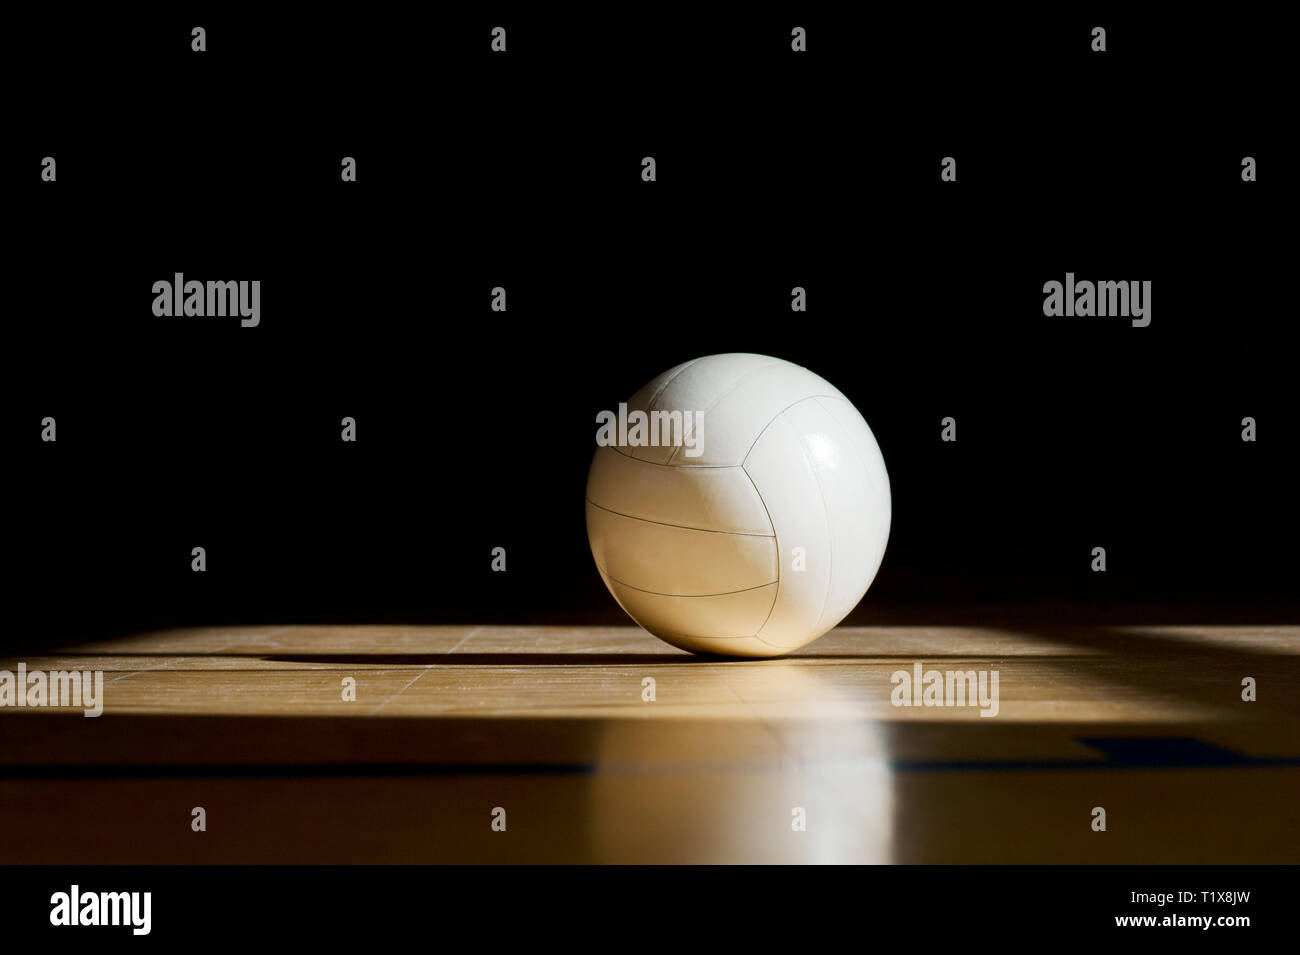 Cancha de voleibol con piso de madera aislado sobre la bola negra con espacio de copia Imagen De Stock